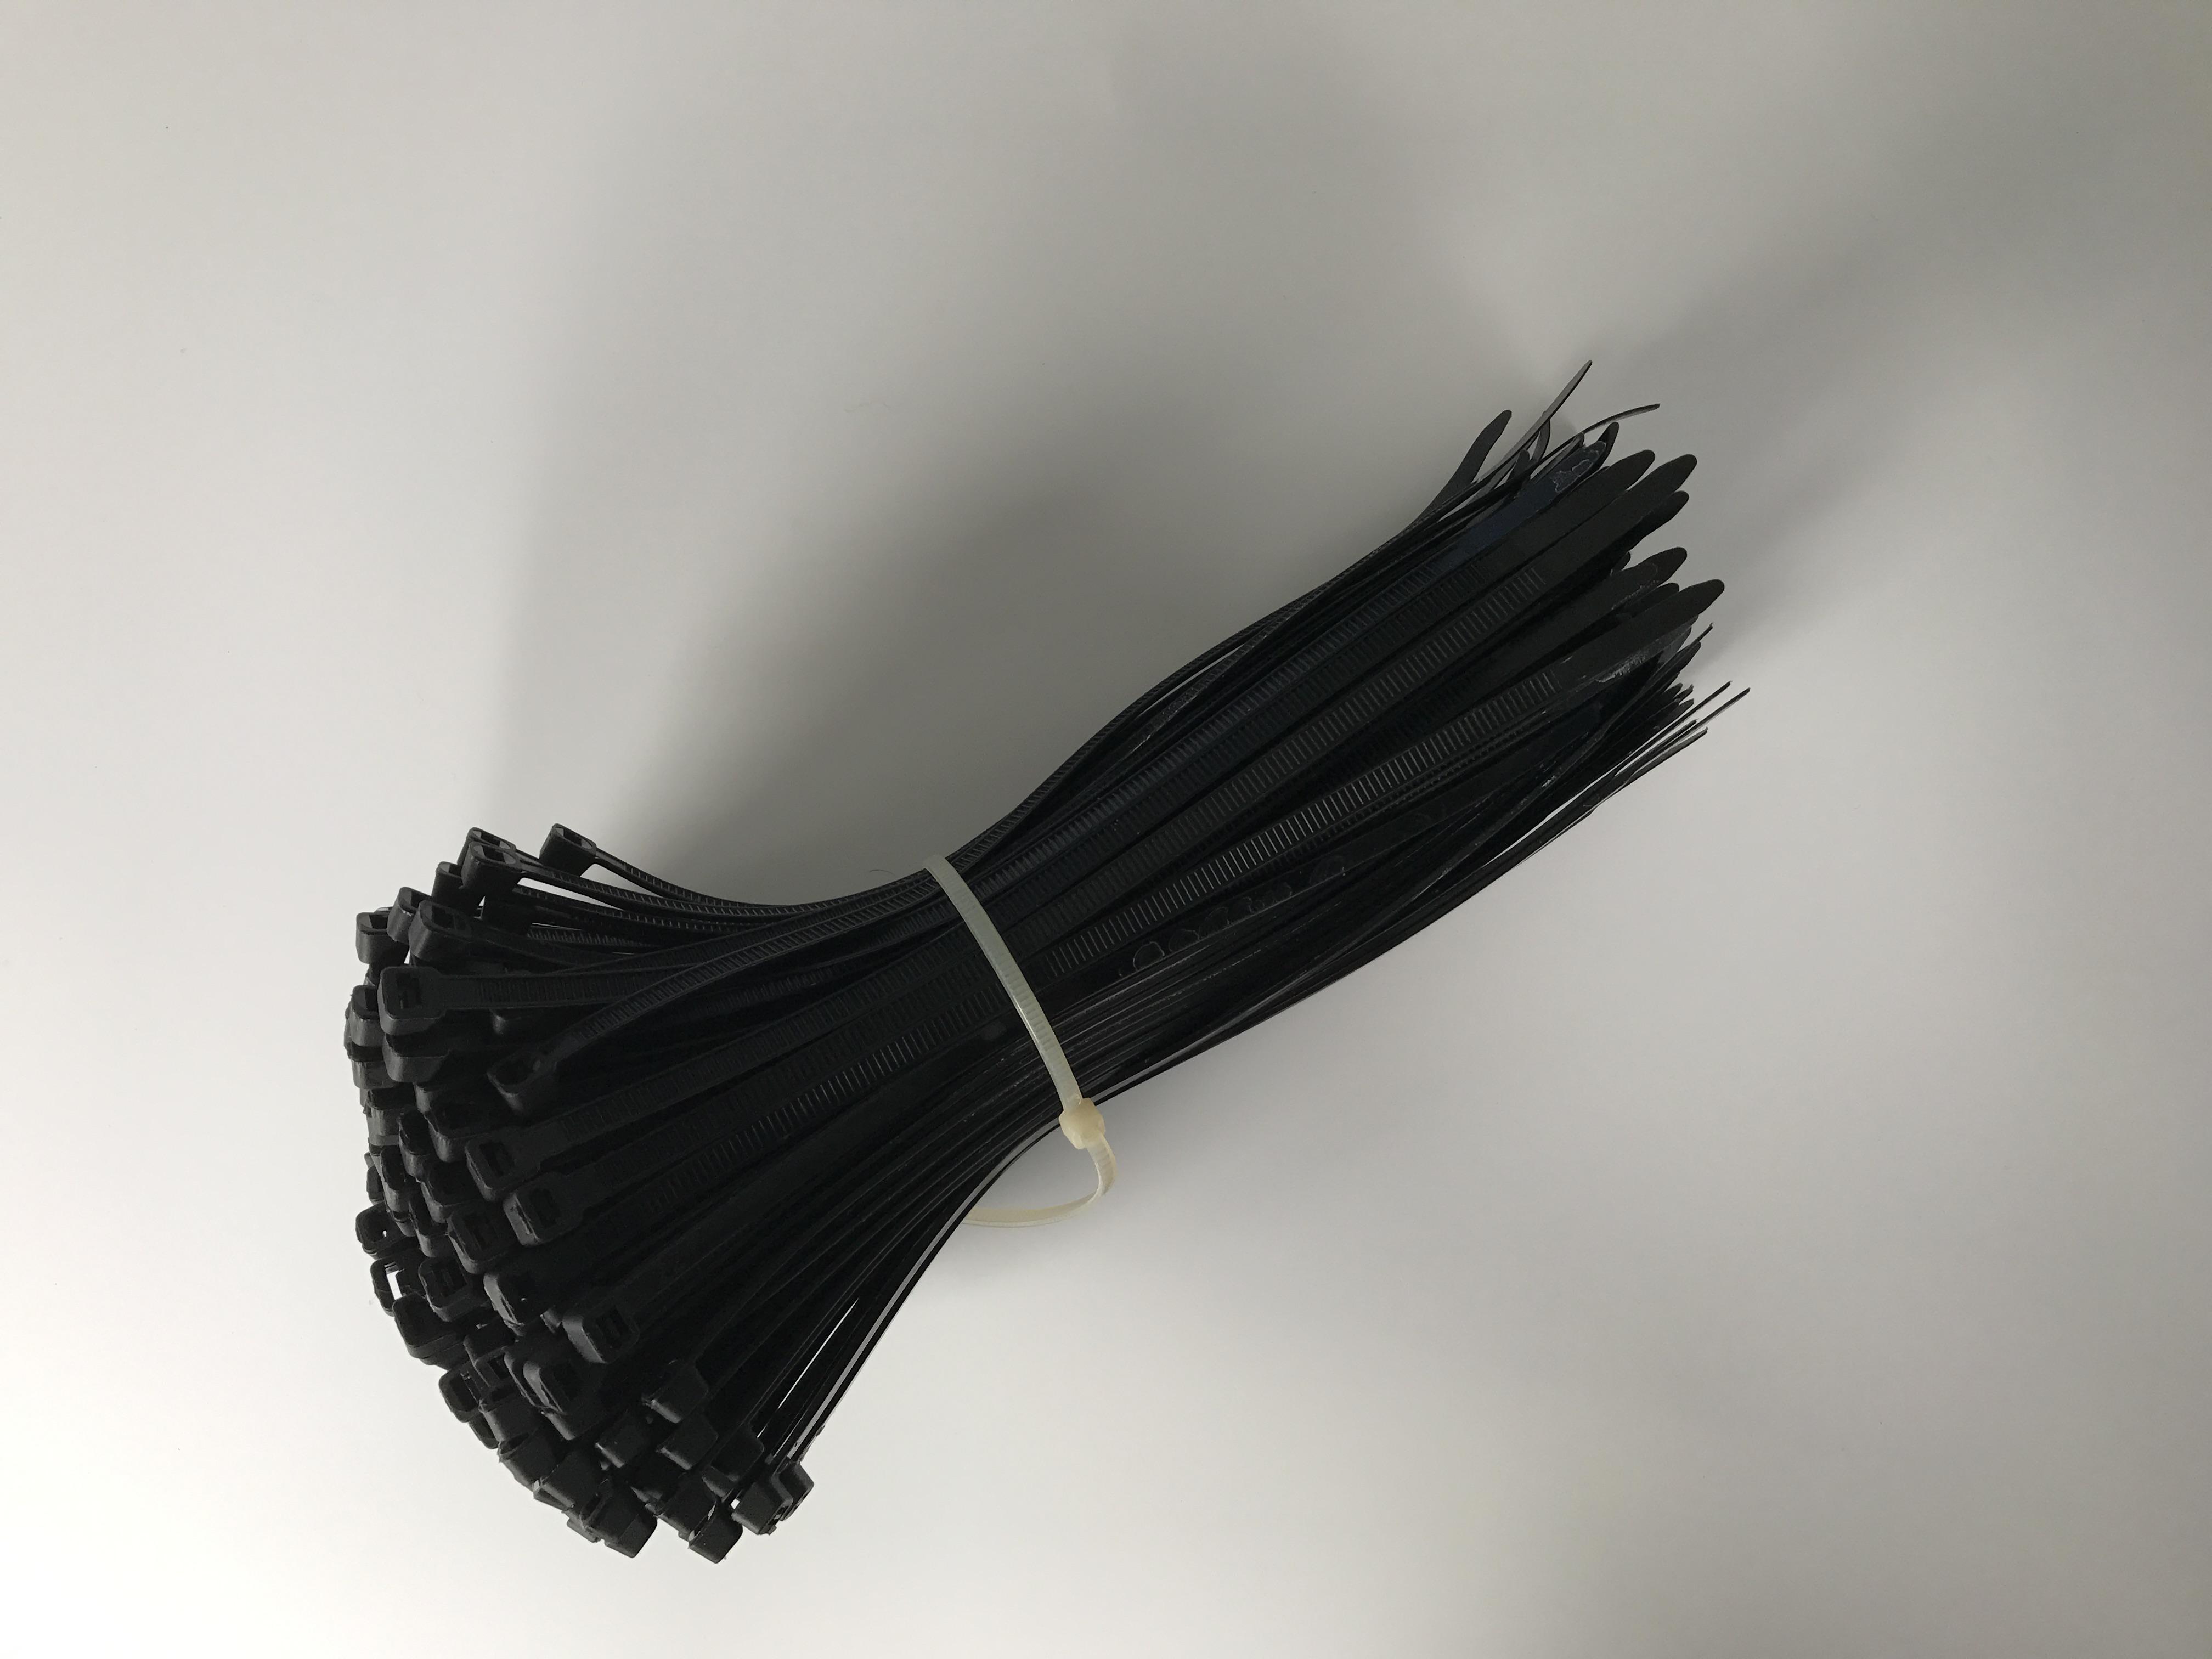 厂家直销黑色扎带尼龙捆线带3*60-8*500各种规格固定扣束线带包邮